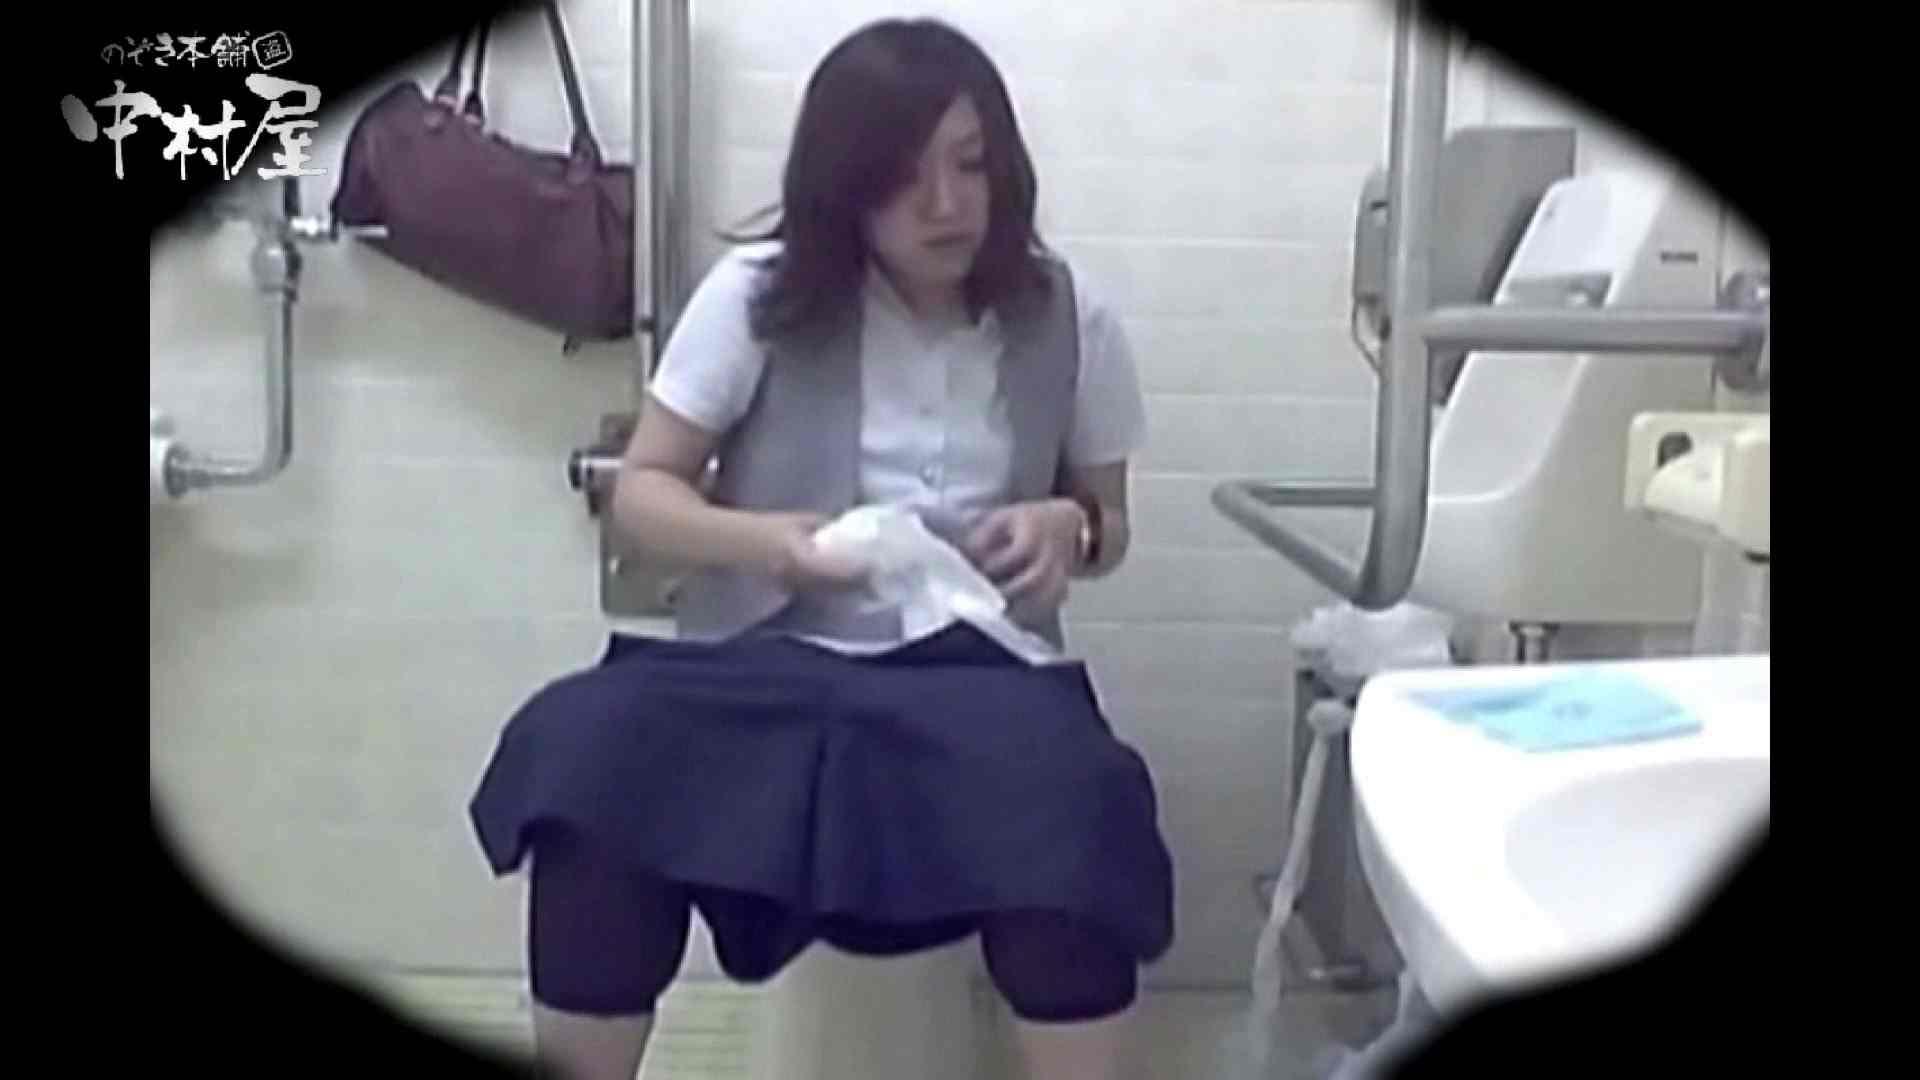 teen galトイレ覗き紙がナイ編‼vol.12 トイレ 盗撮 96PIX 18